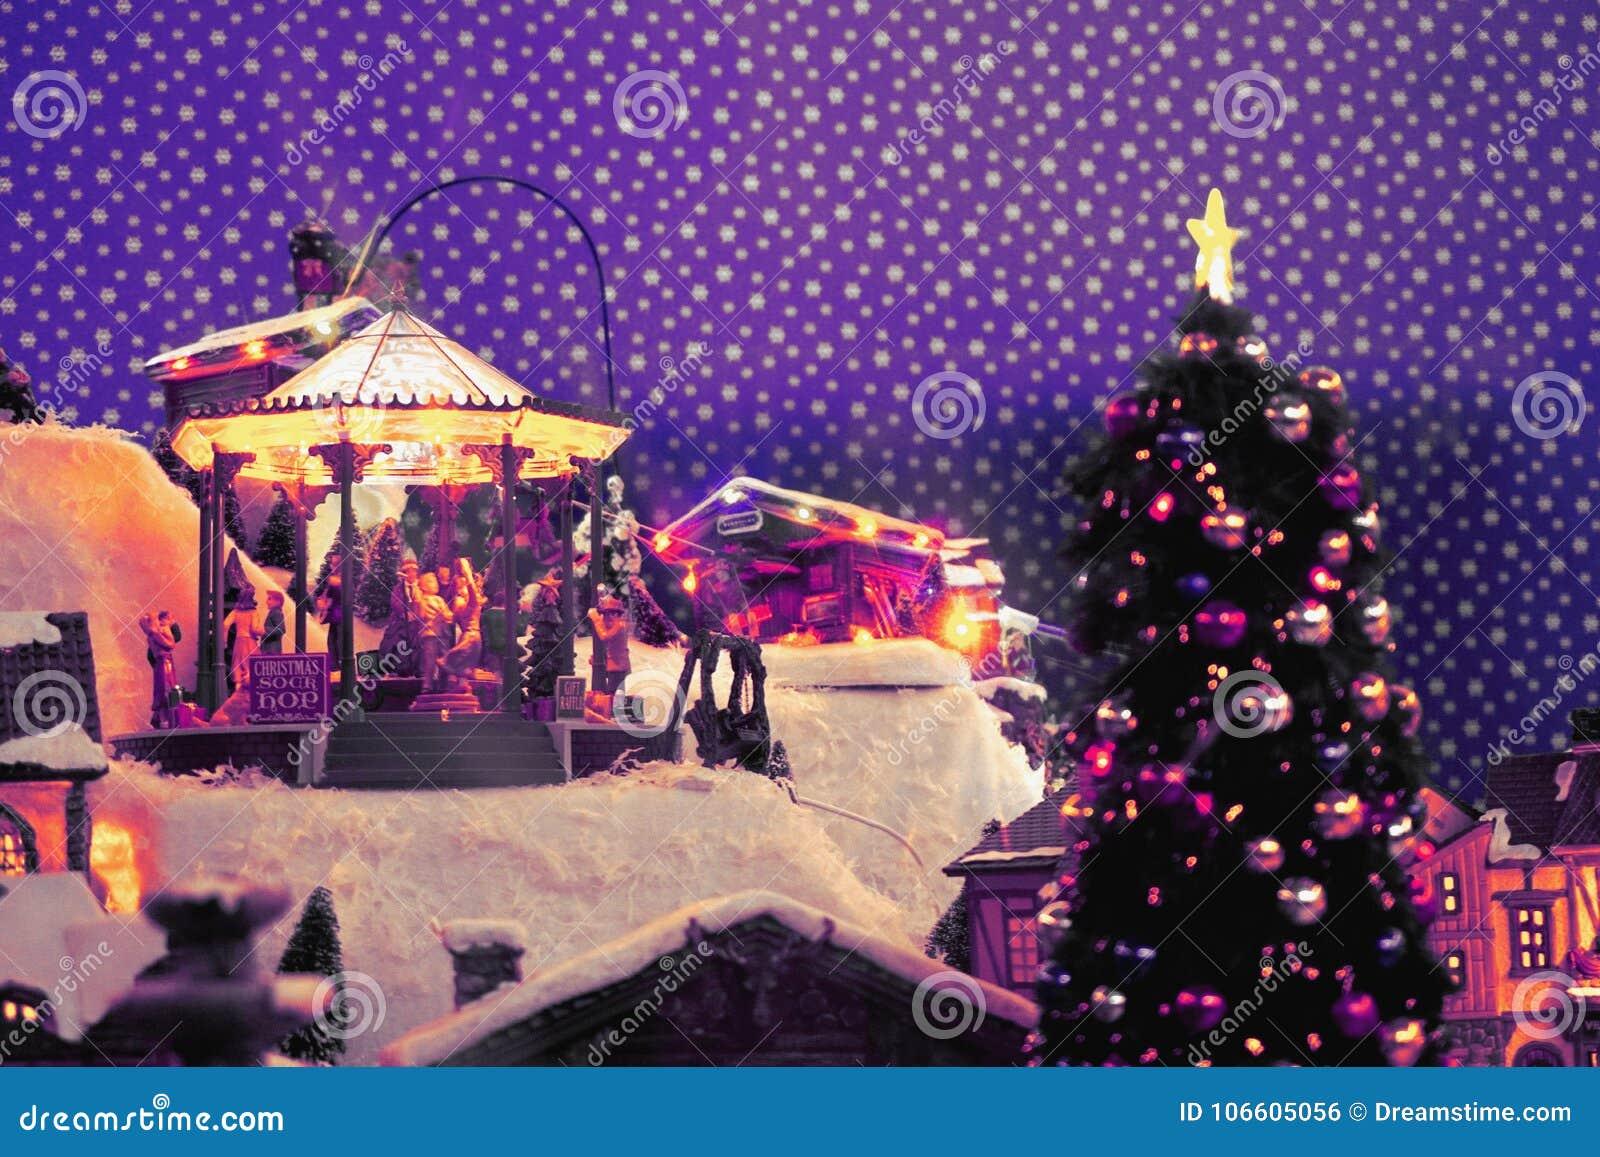 Город ` s Нового Года в миниатюре с carousel для детей, рождественской елкой, дорогами снега Цвета рамки: фиолетовый, фиолетовый,